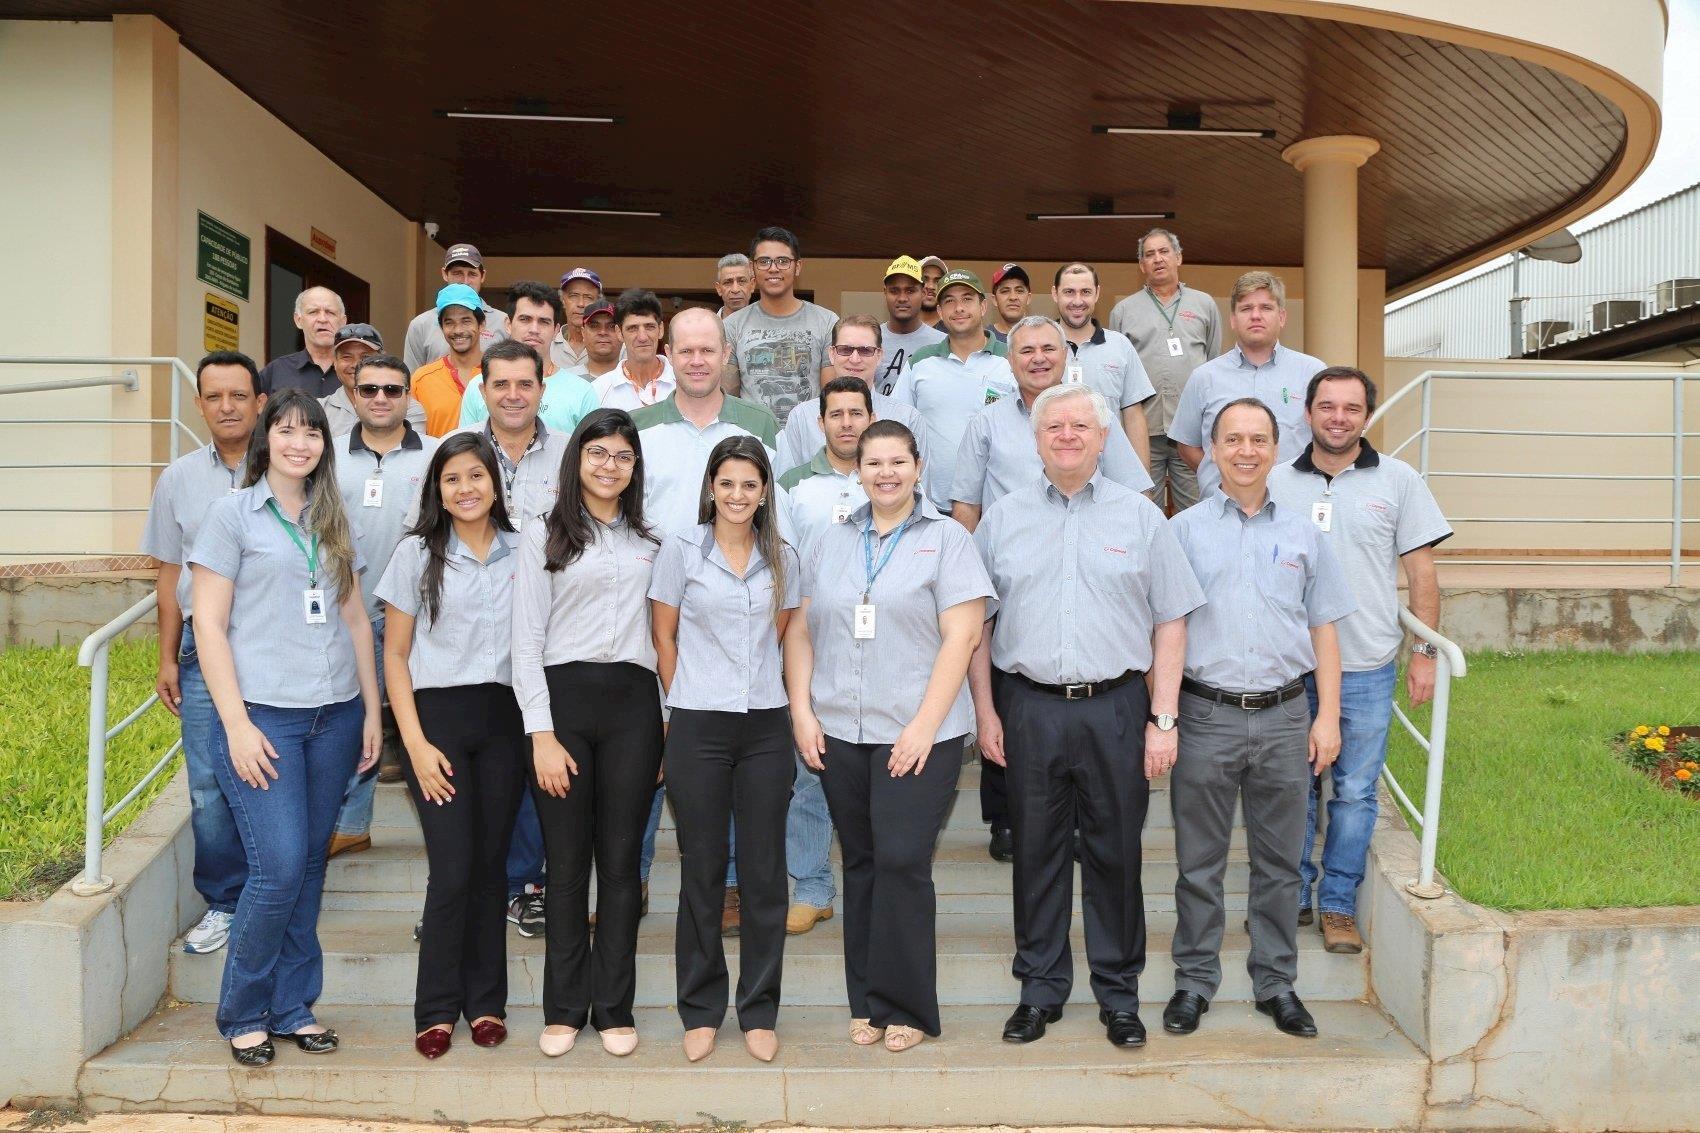 Copacol comemora 55 anos e relembra início da cooperativa